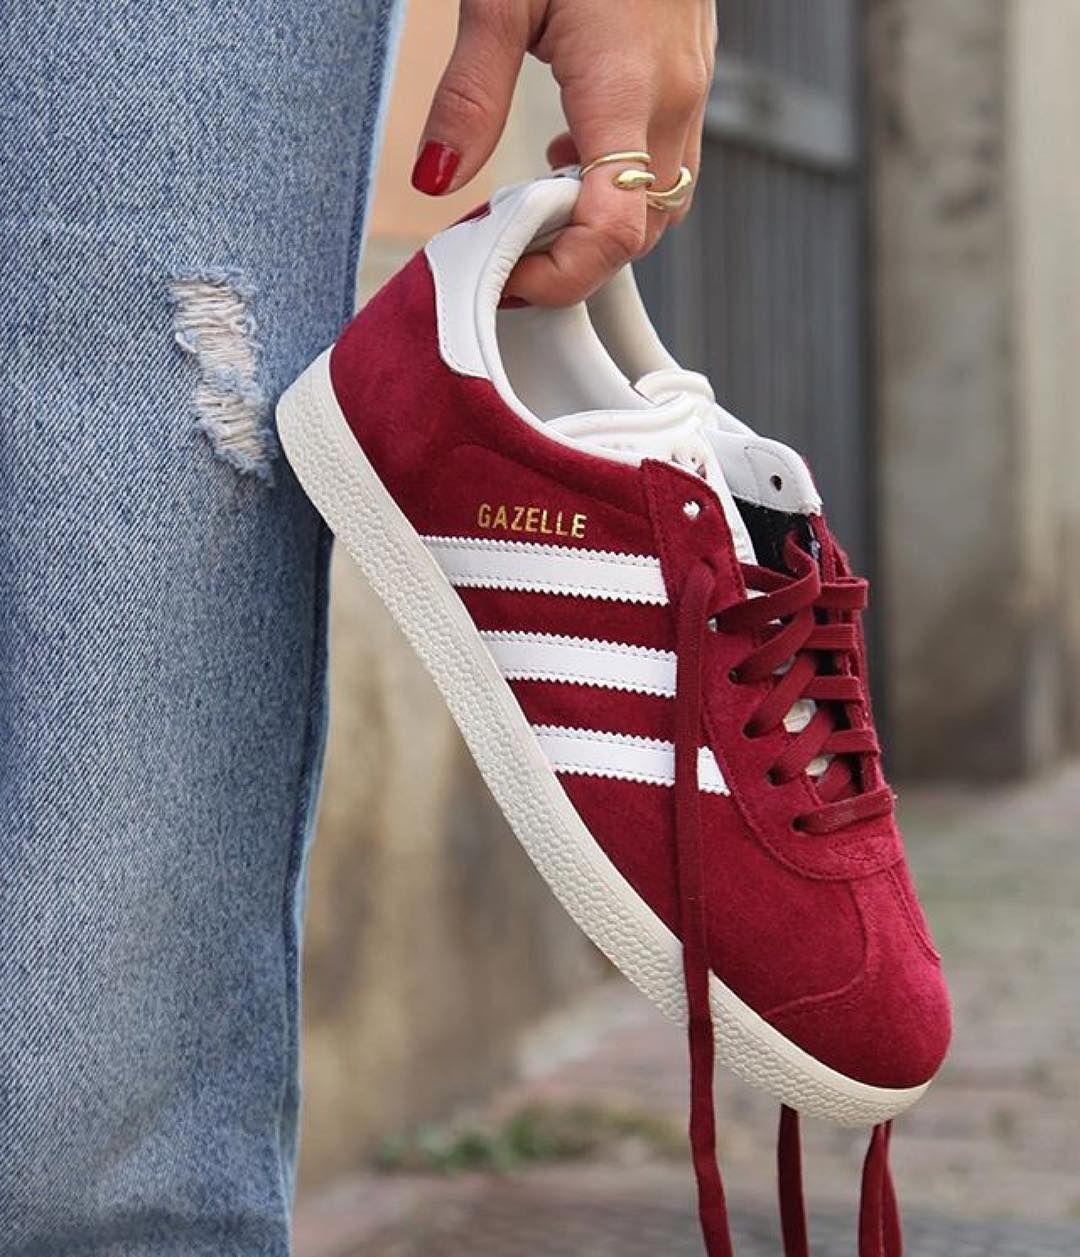 Adidas in 2020   Adidas shoes women, Adidas gazelle, Latest